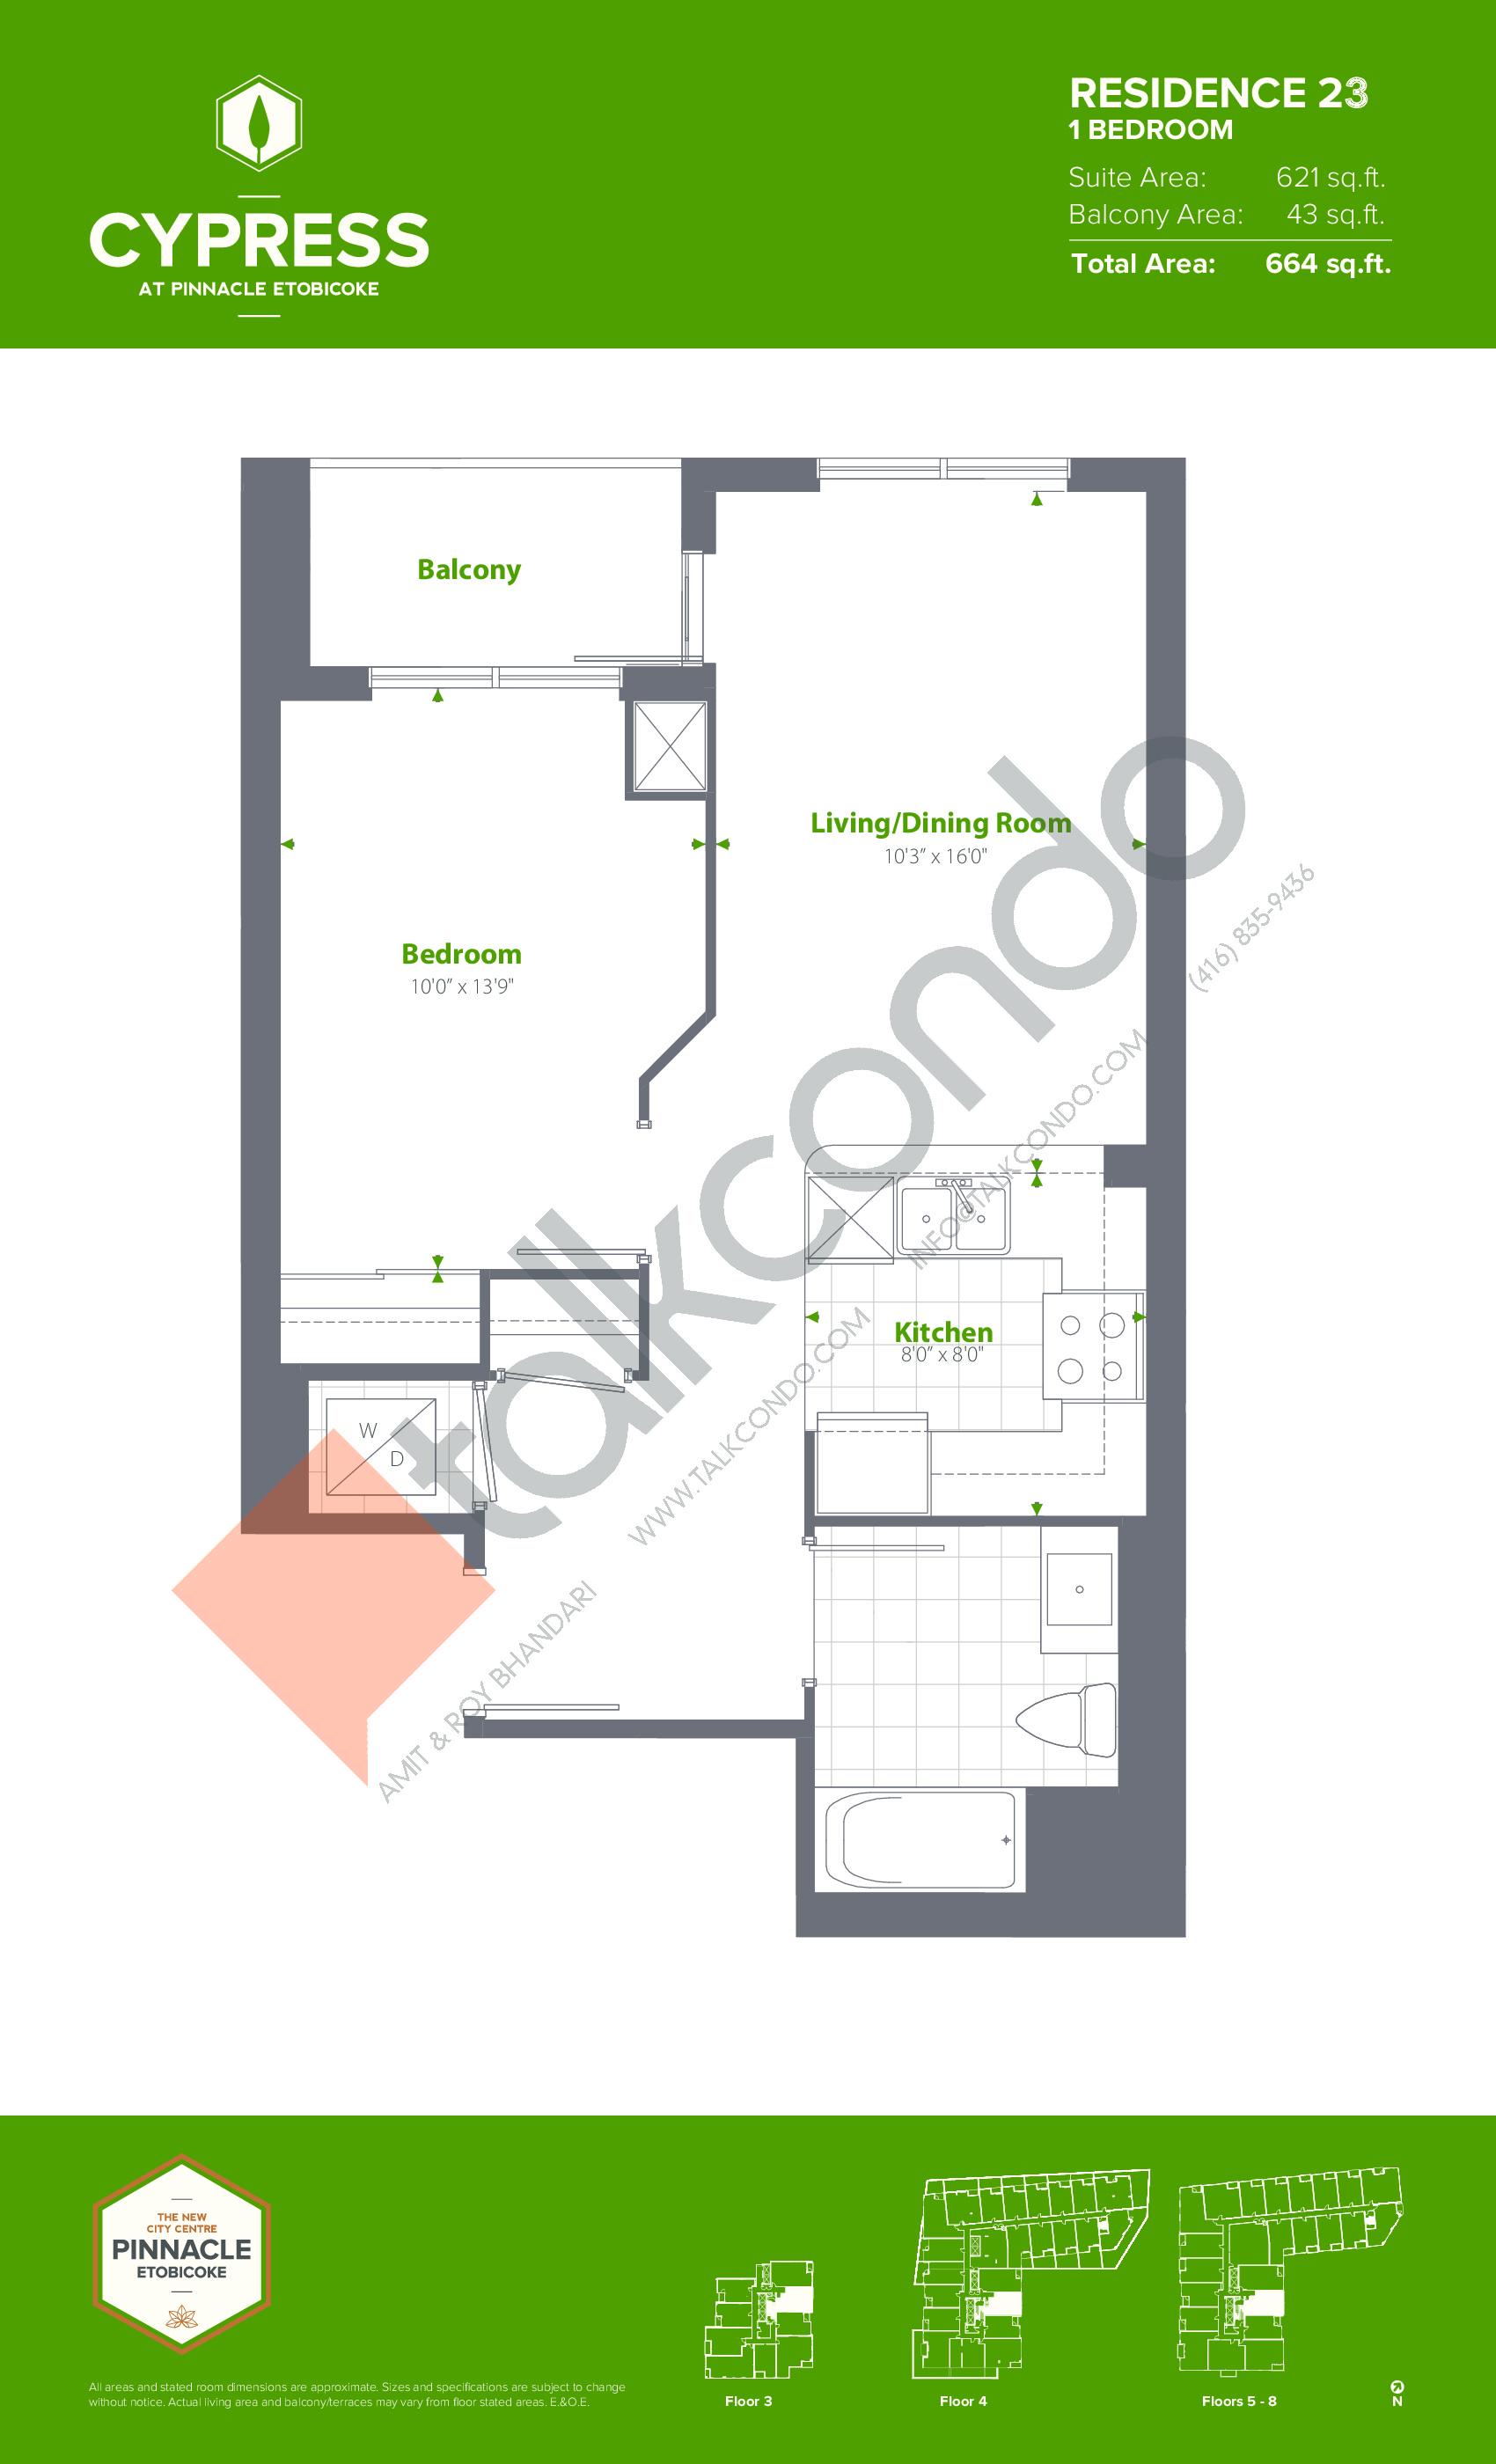 Residence 23 Floor Plan at Cypress at Pinnacle Etobicoke - 621 sq.ft